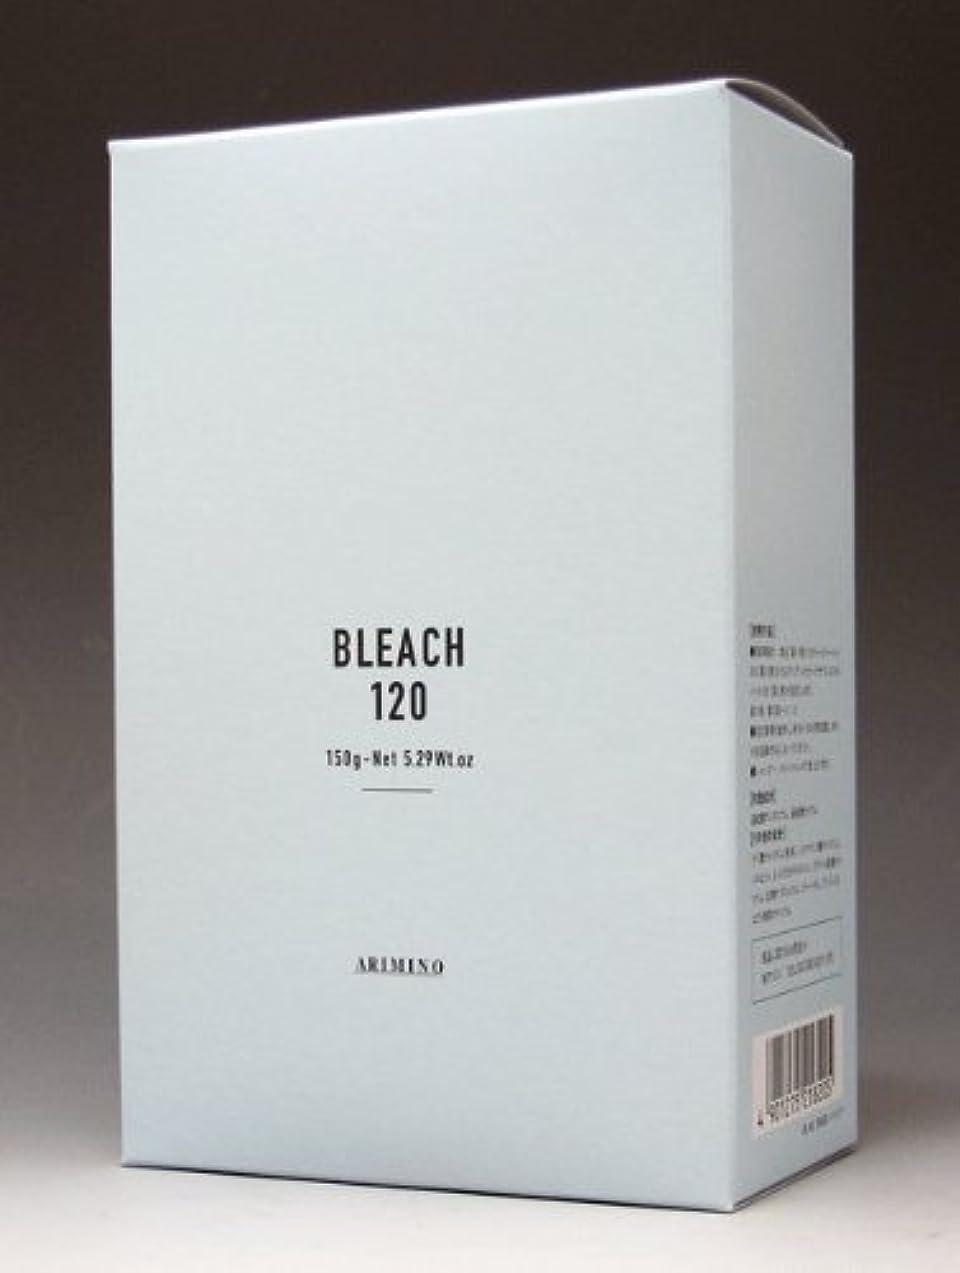 リース発表する被るアリミノ ブリーチ 120 【150g×2】